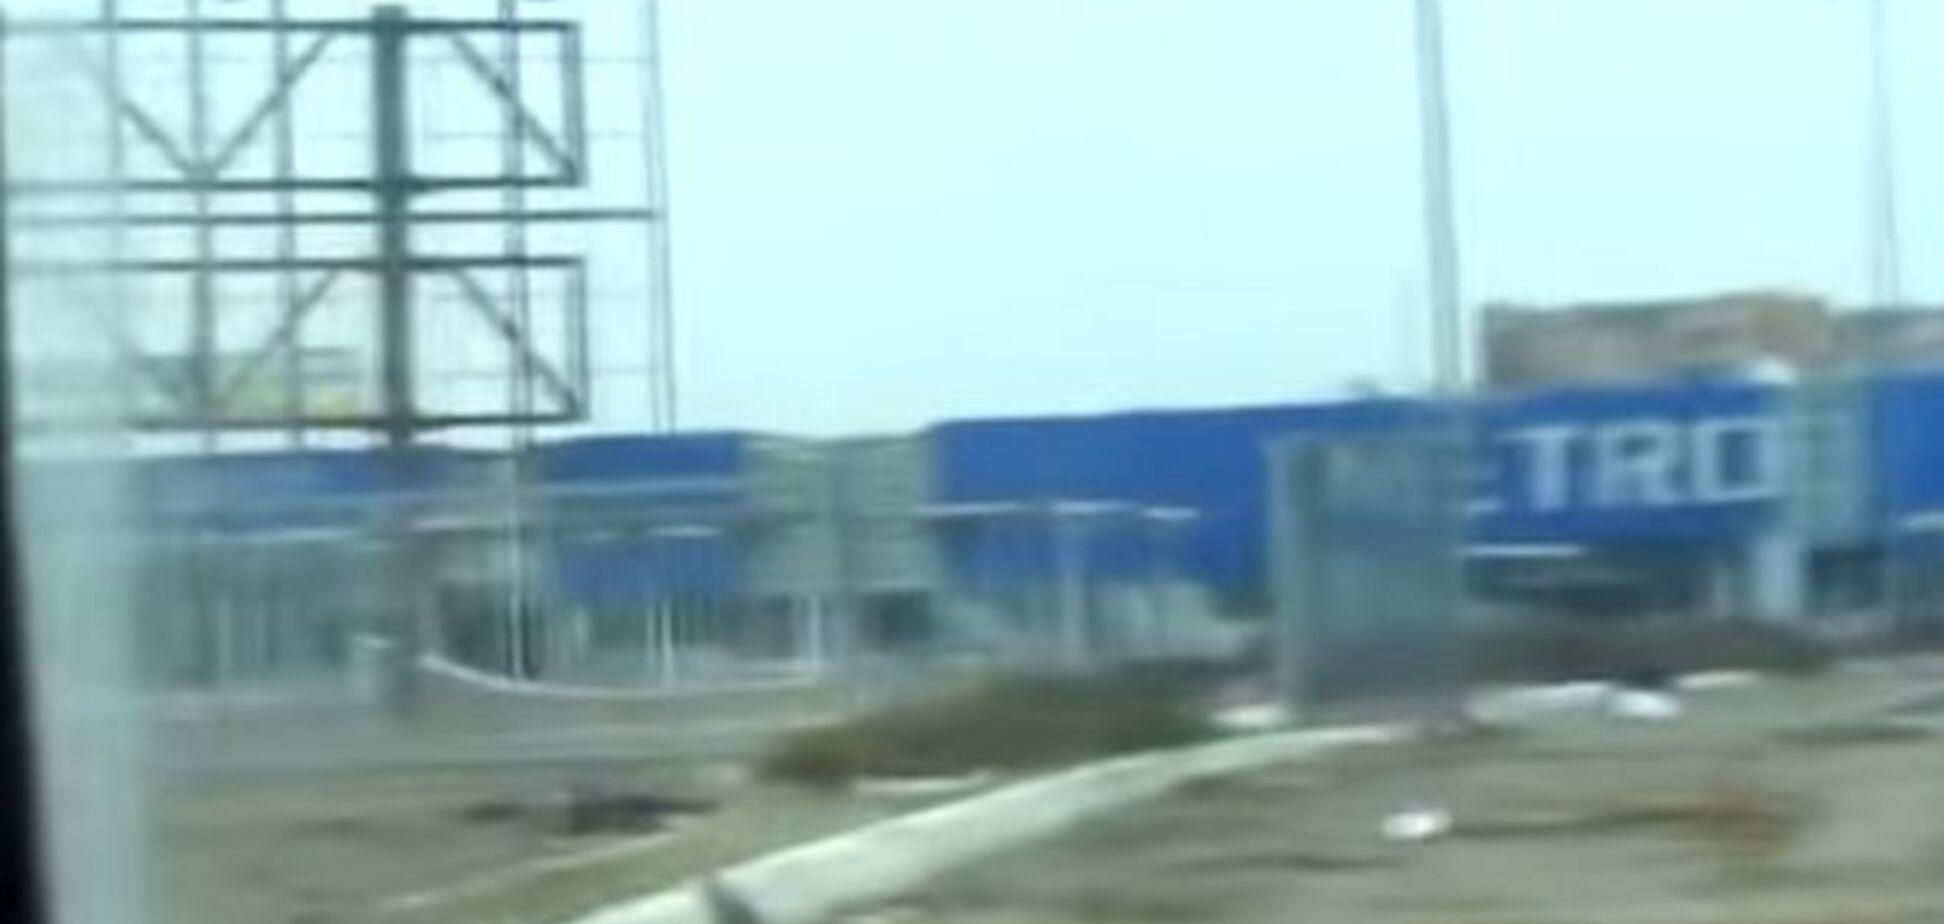 Экскурсия по местам 'подвигов' боевиков в Донецке: разграбленный 'Метро', взорванный Путиловский мост